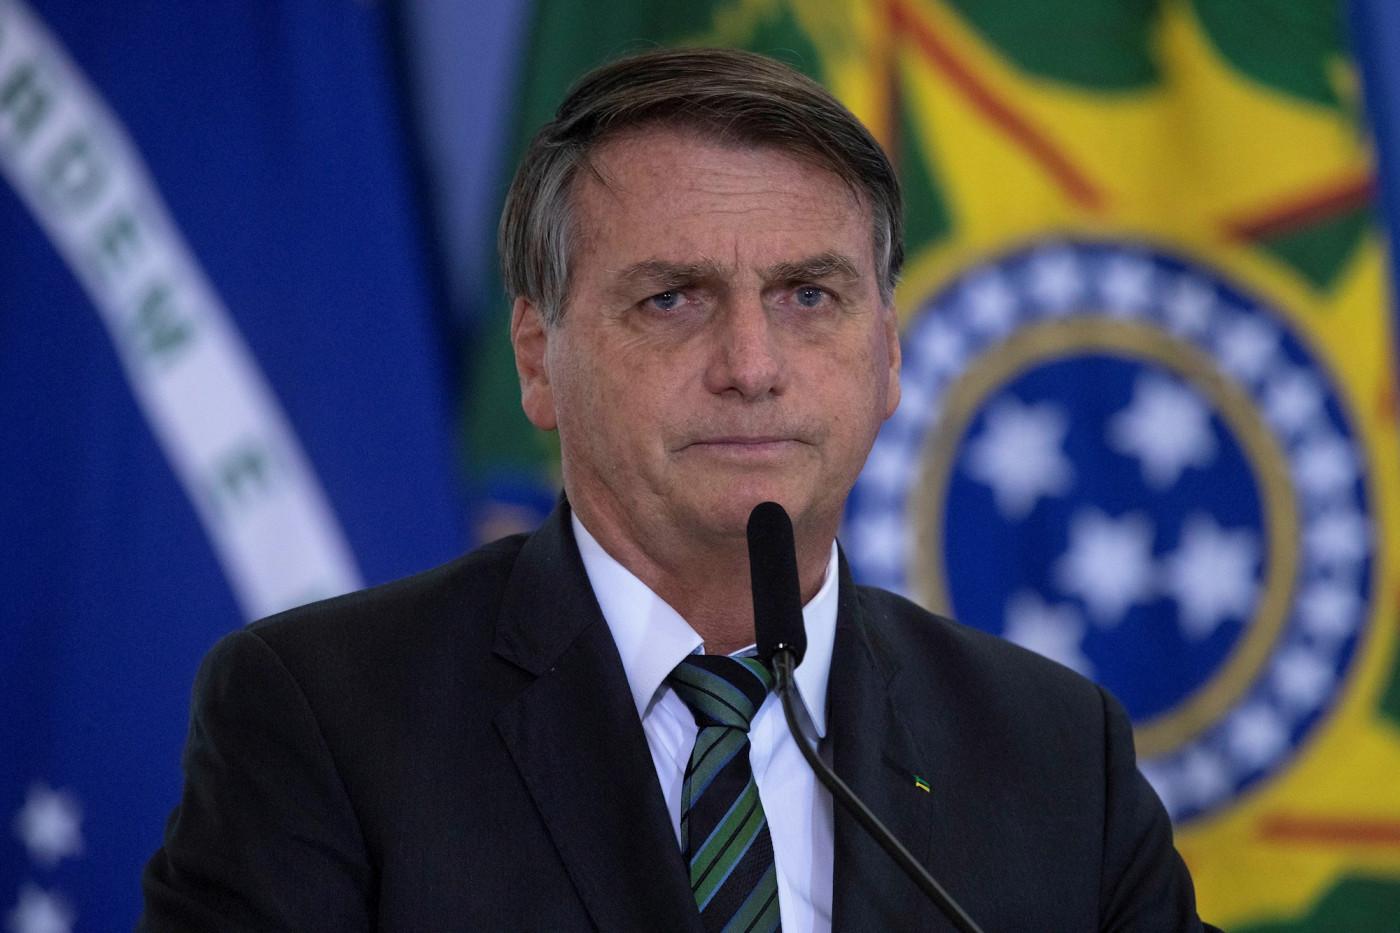 Homem de cabelo grisalho trajando terno e gravata pretos falando em microfone diante de uma bandeira do Brasil